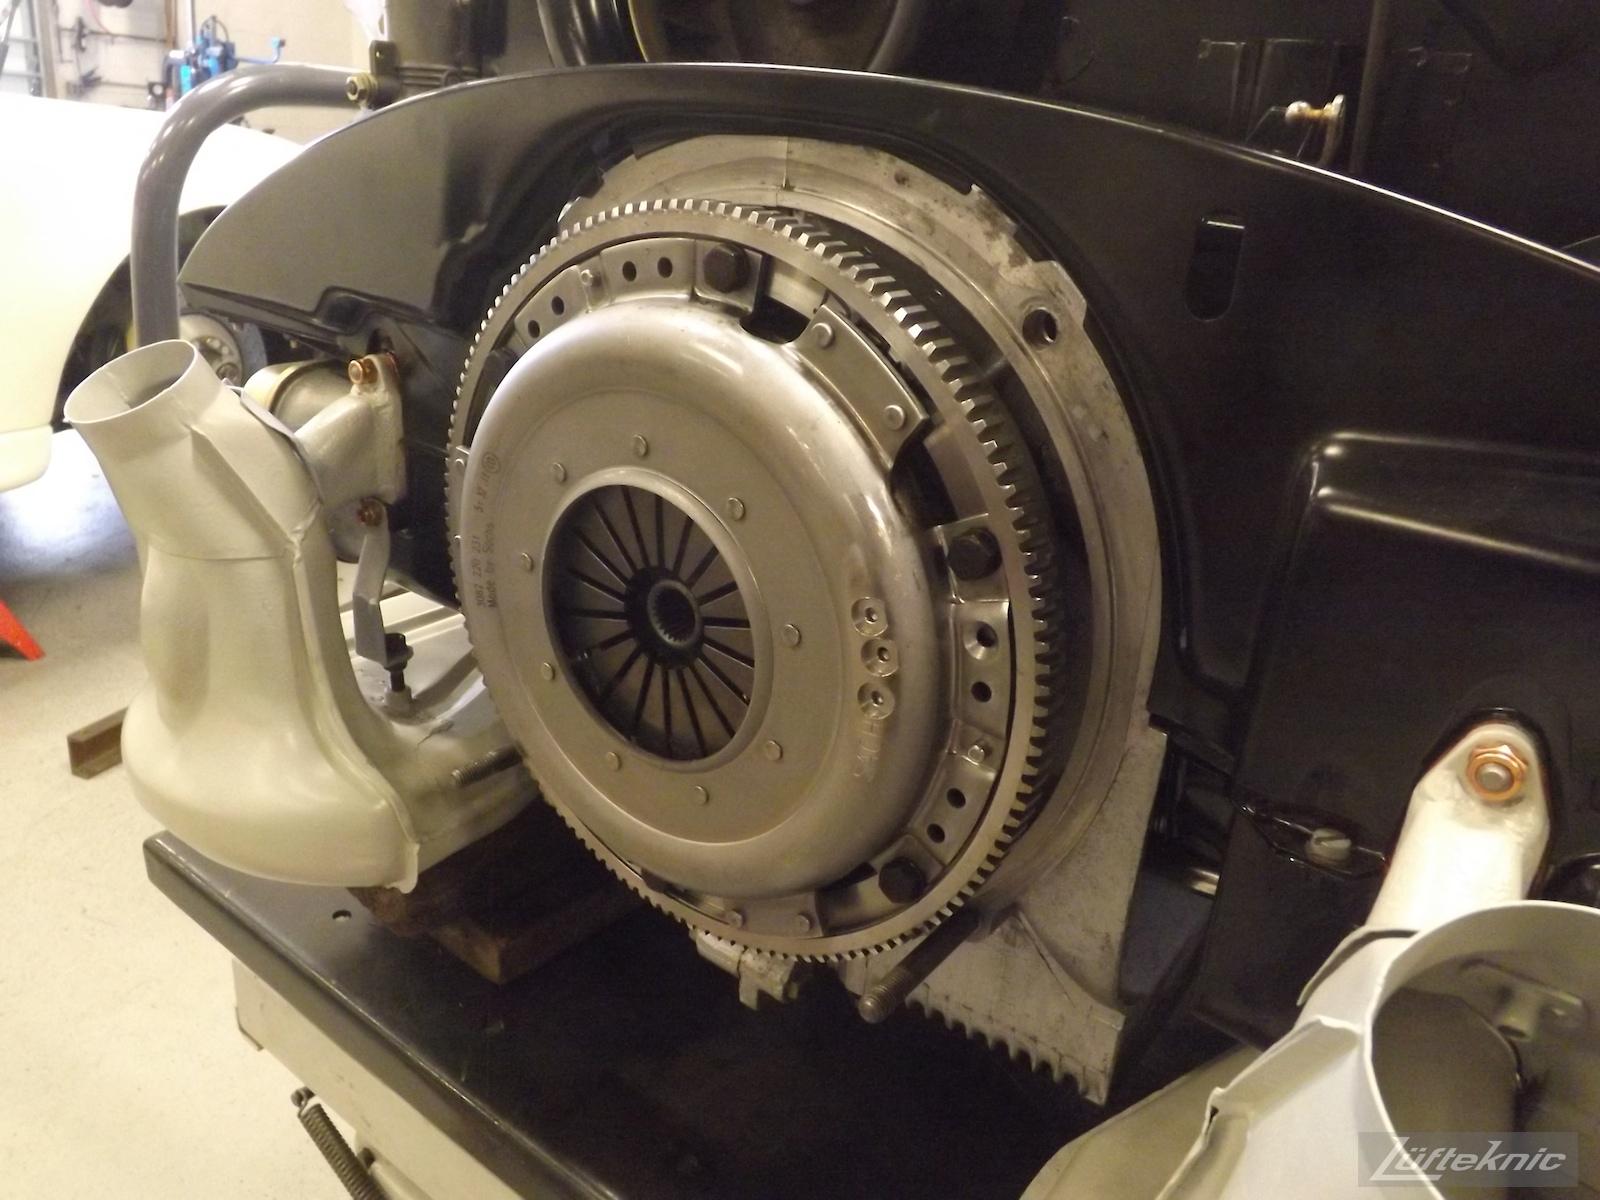 Clutch assembly shown of an Irish Green Porsche 912 undergoing restoration at Lufteknic.